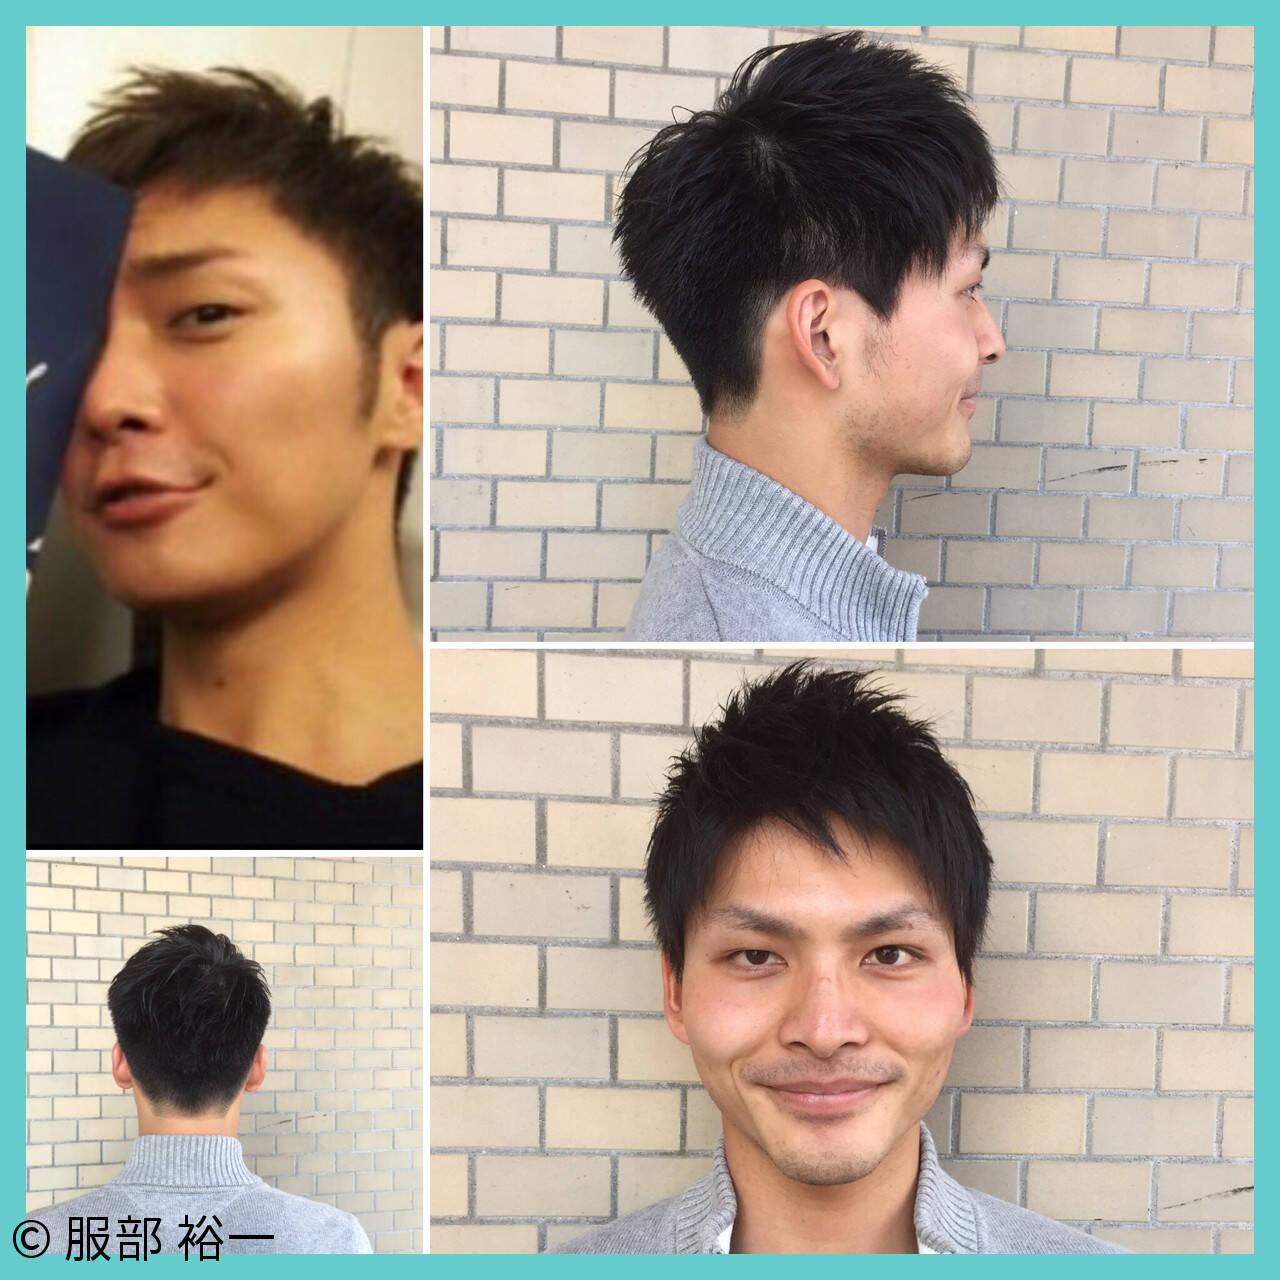 黒髪 ボーイッシュ 爽やか 刈り上げヘアスタイルや髪型の写真・画像